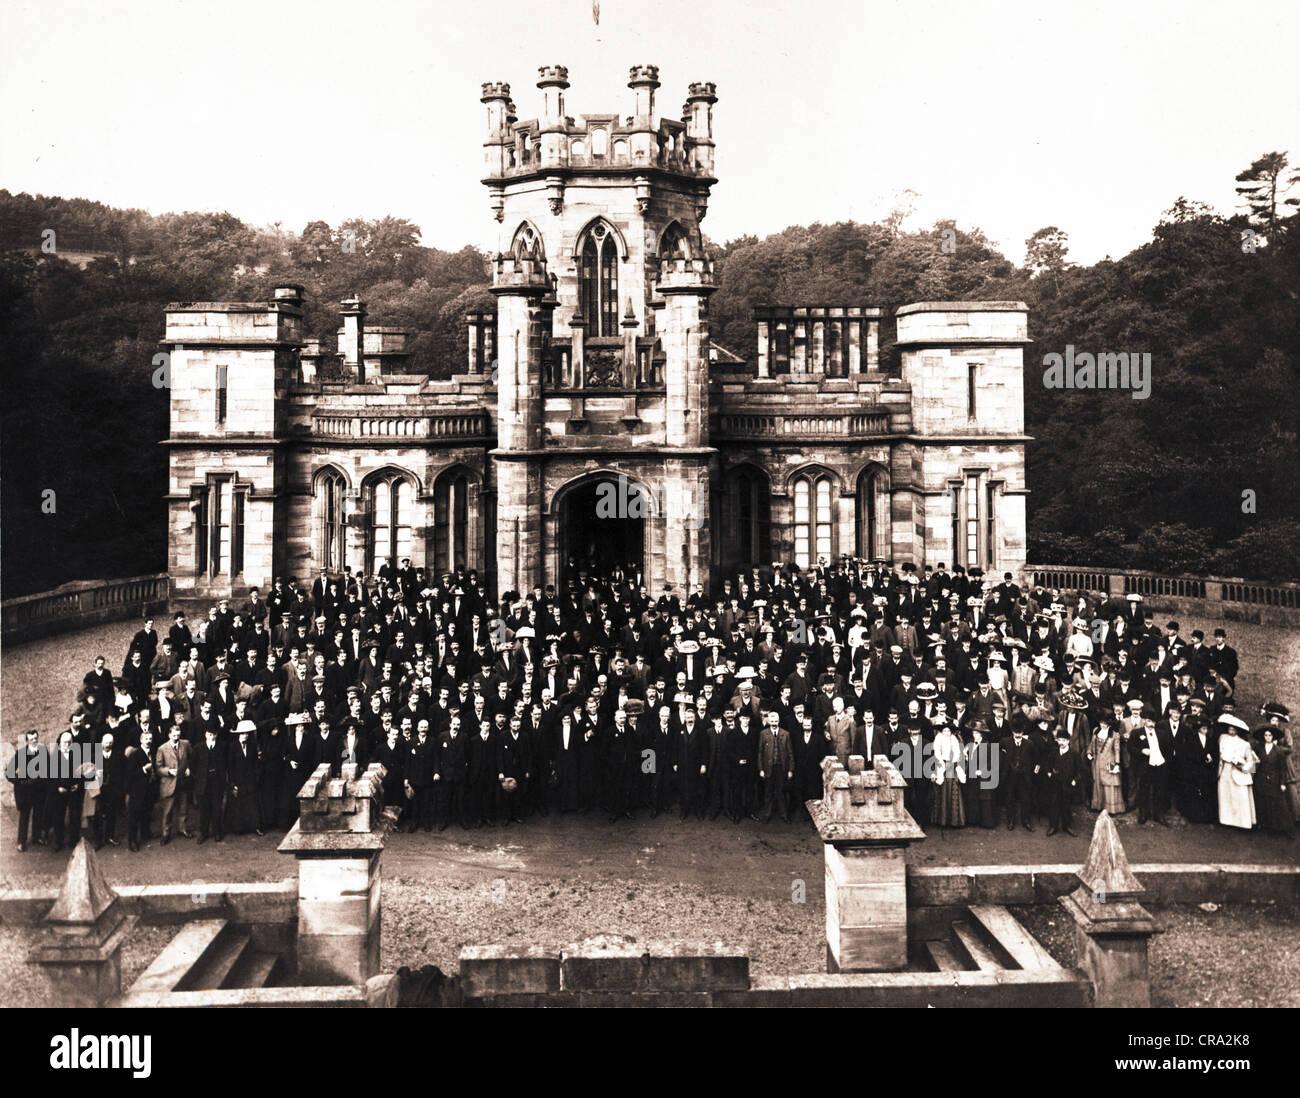 Revival gotico Castello con immensa moltitudine di persone Immagini Stock